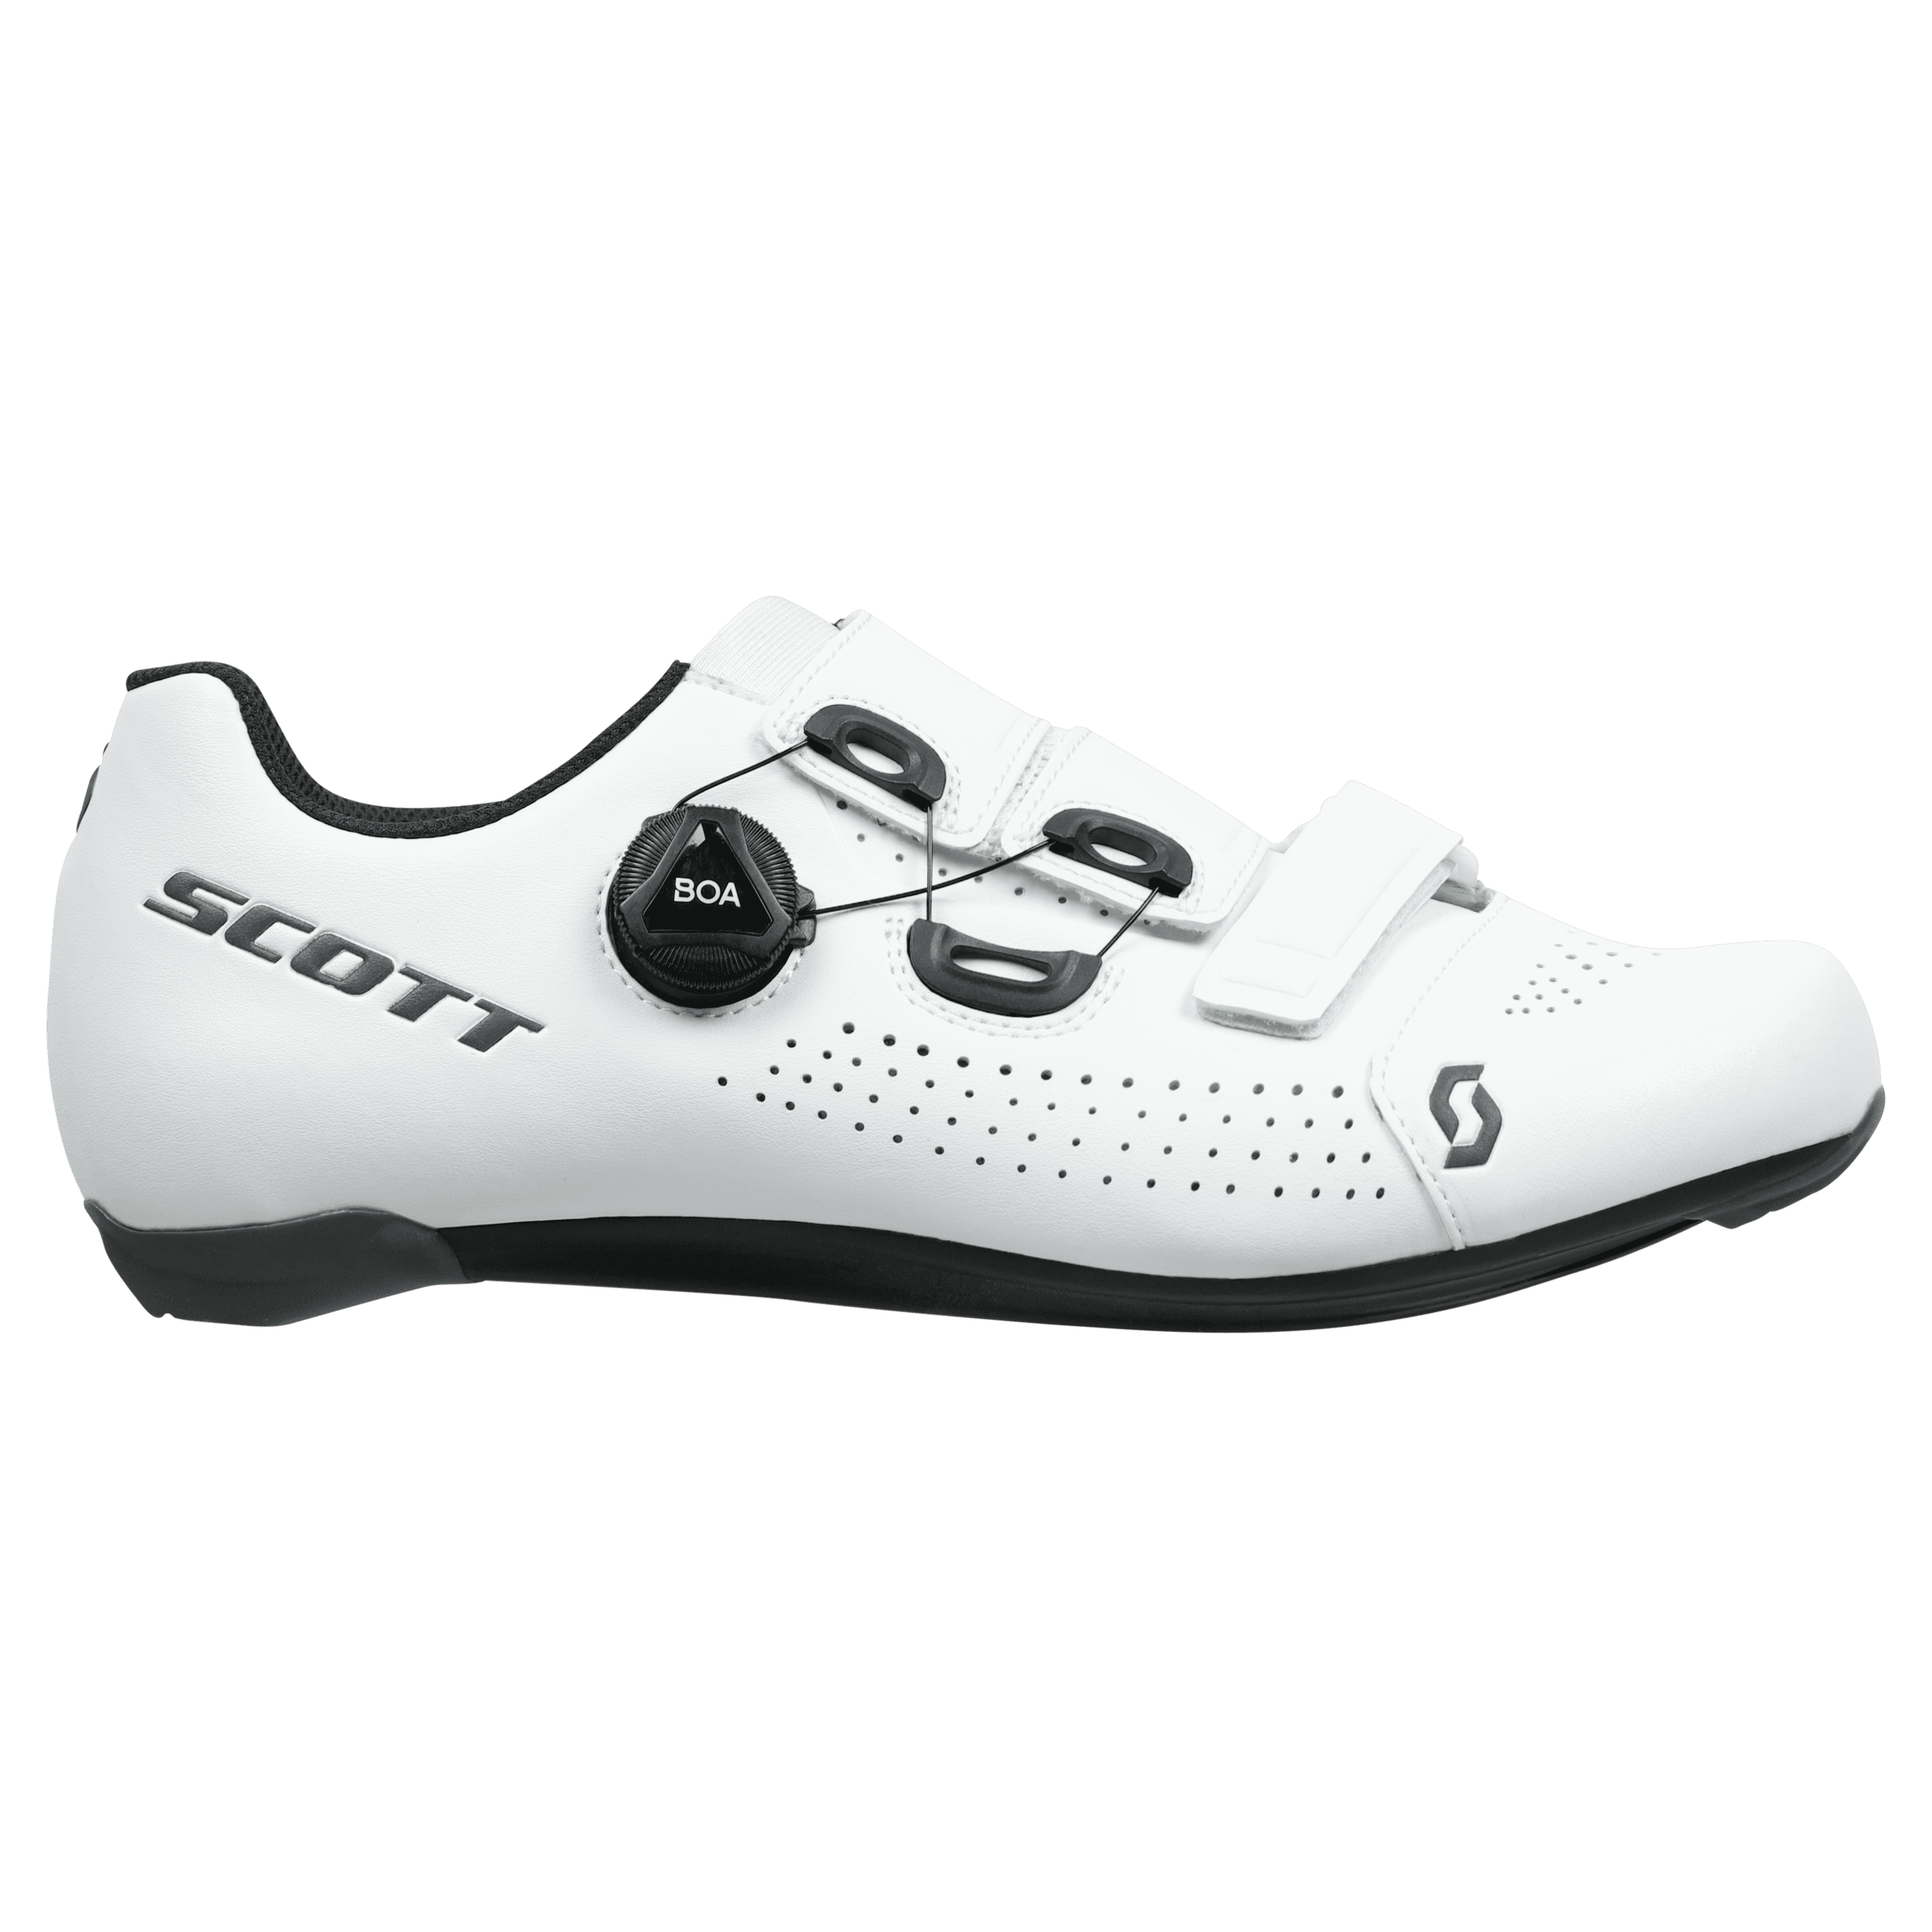 SCOTT Road Team BOA Shoe